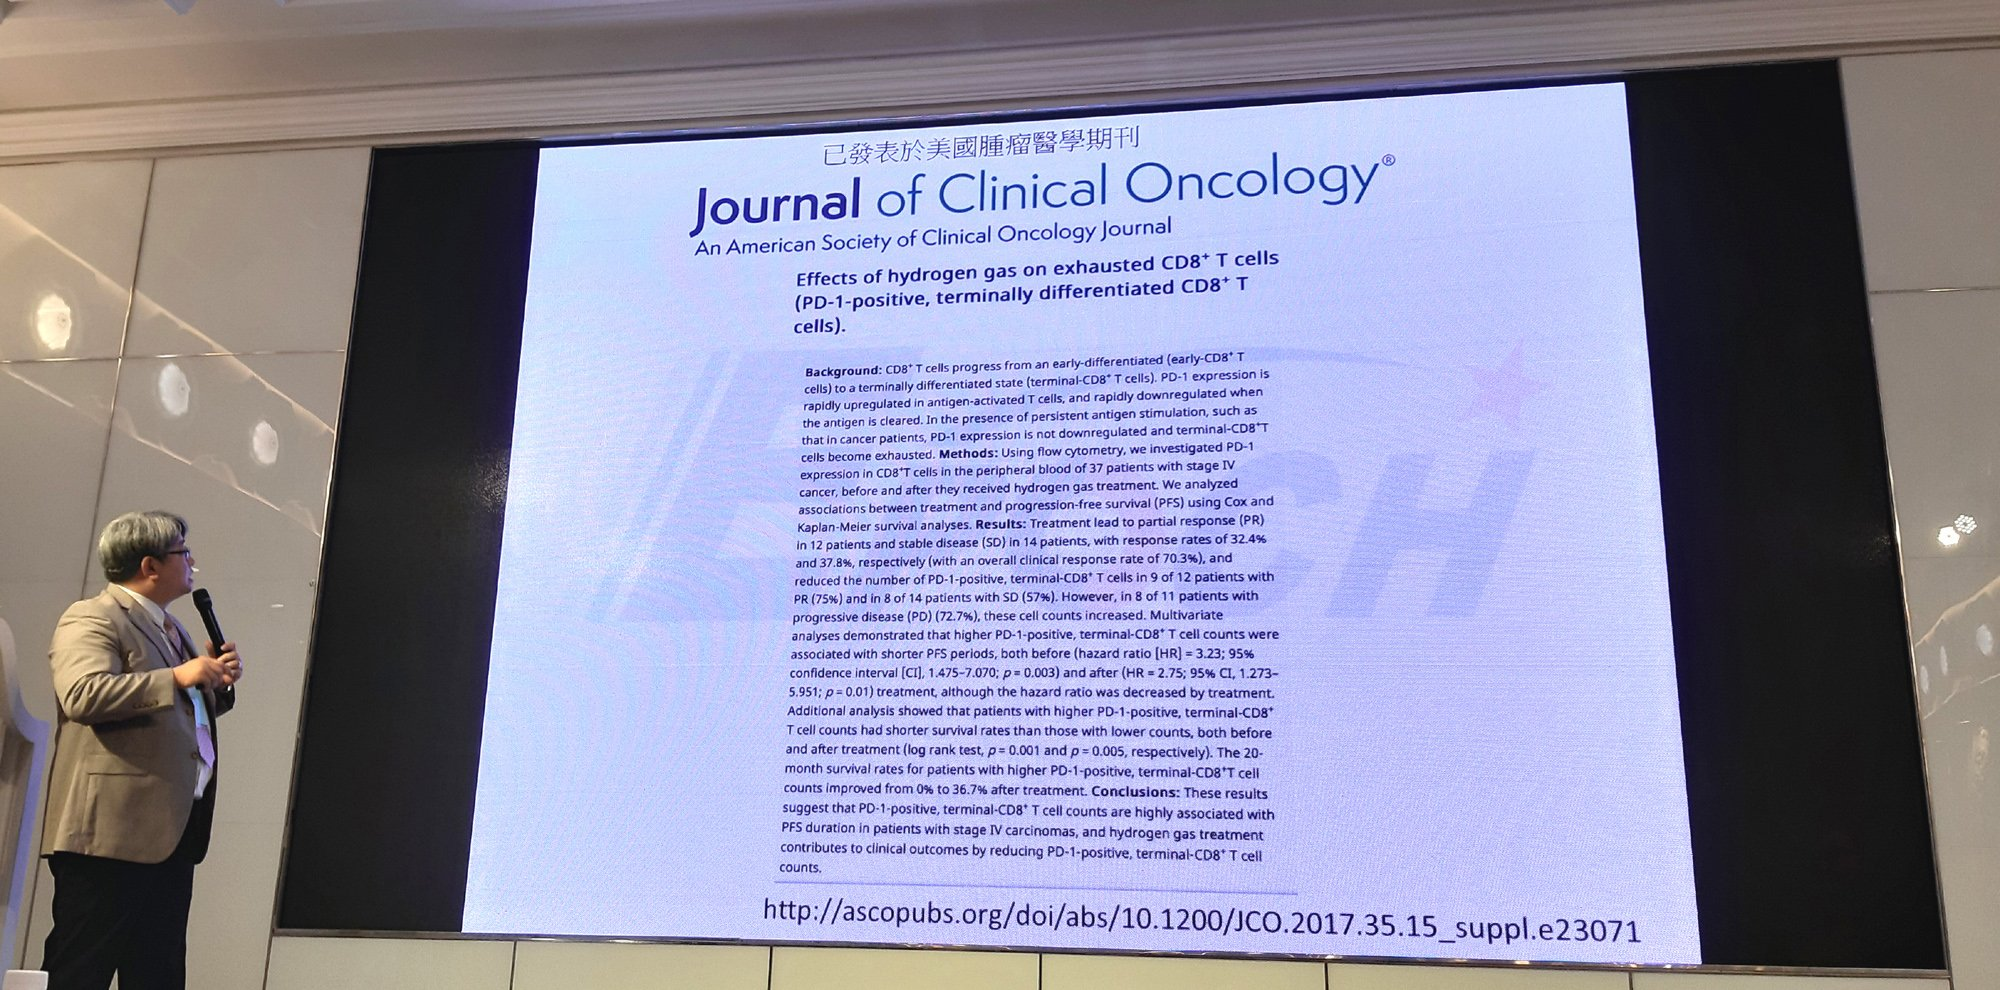 臺灣氫分子醫療促進協會-17 郭和昌教授 解說 氫氣免疫療法讓癌症消失了 新書發表